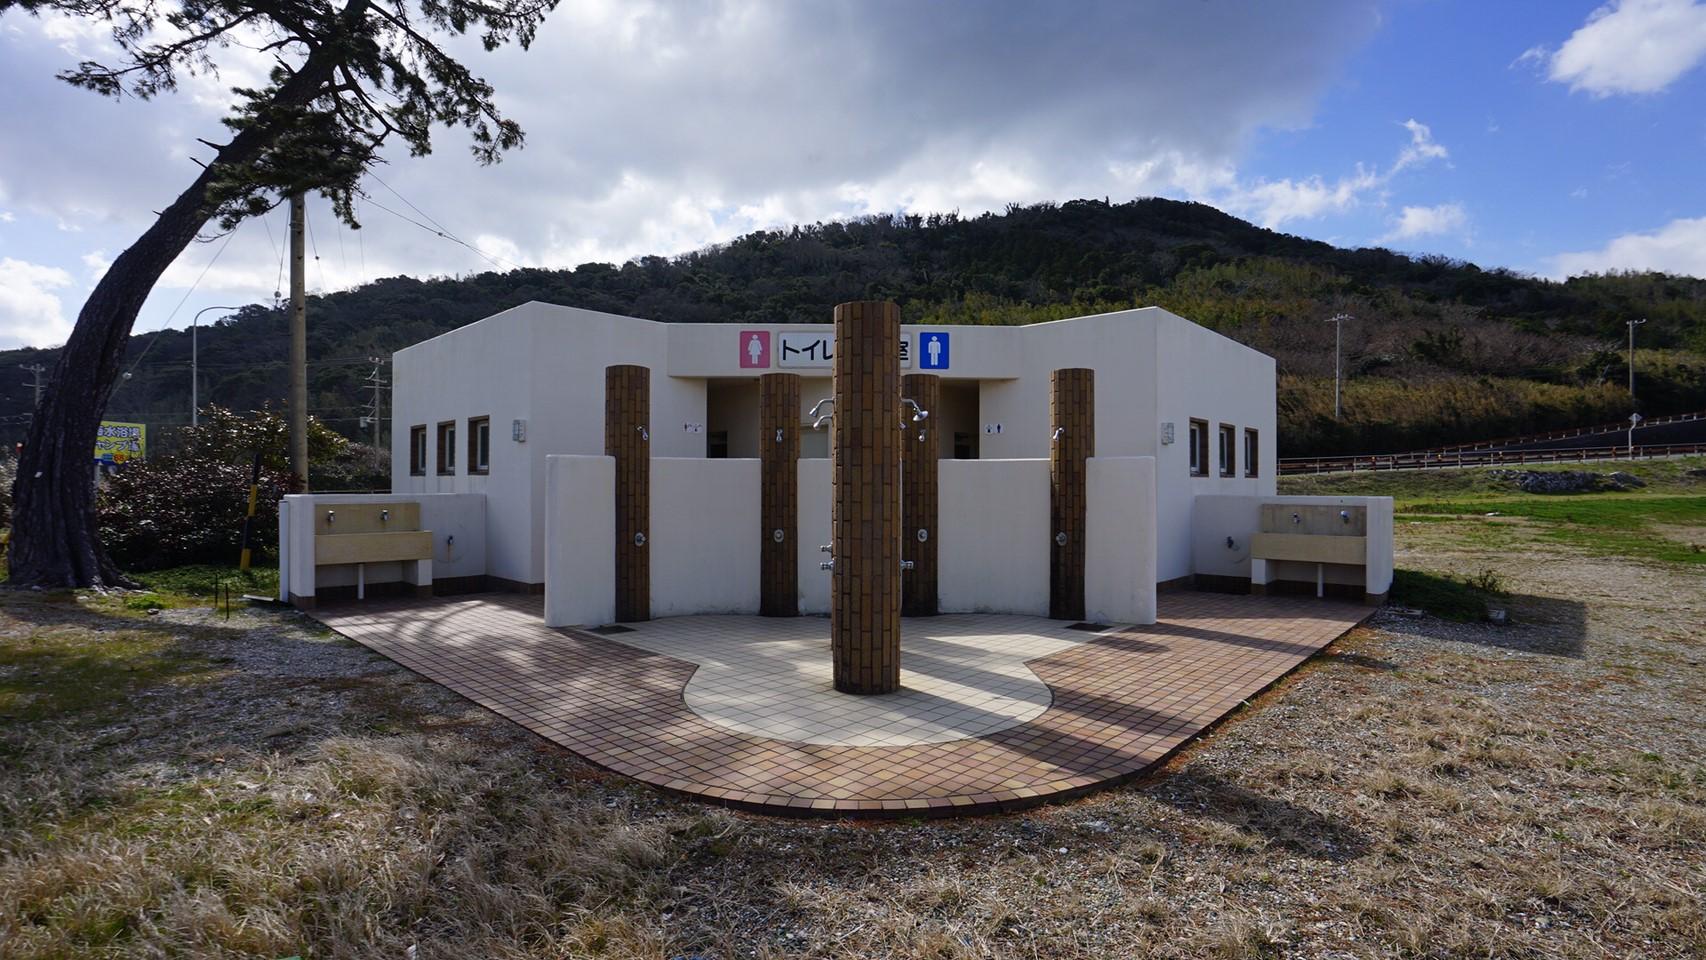 【愛知県田原市】『仁崎キャンプ場』の情報まとめ(駐車場・トイレ)